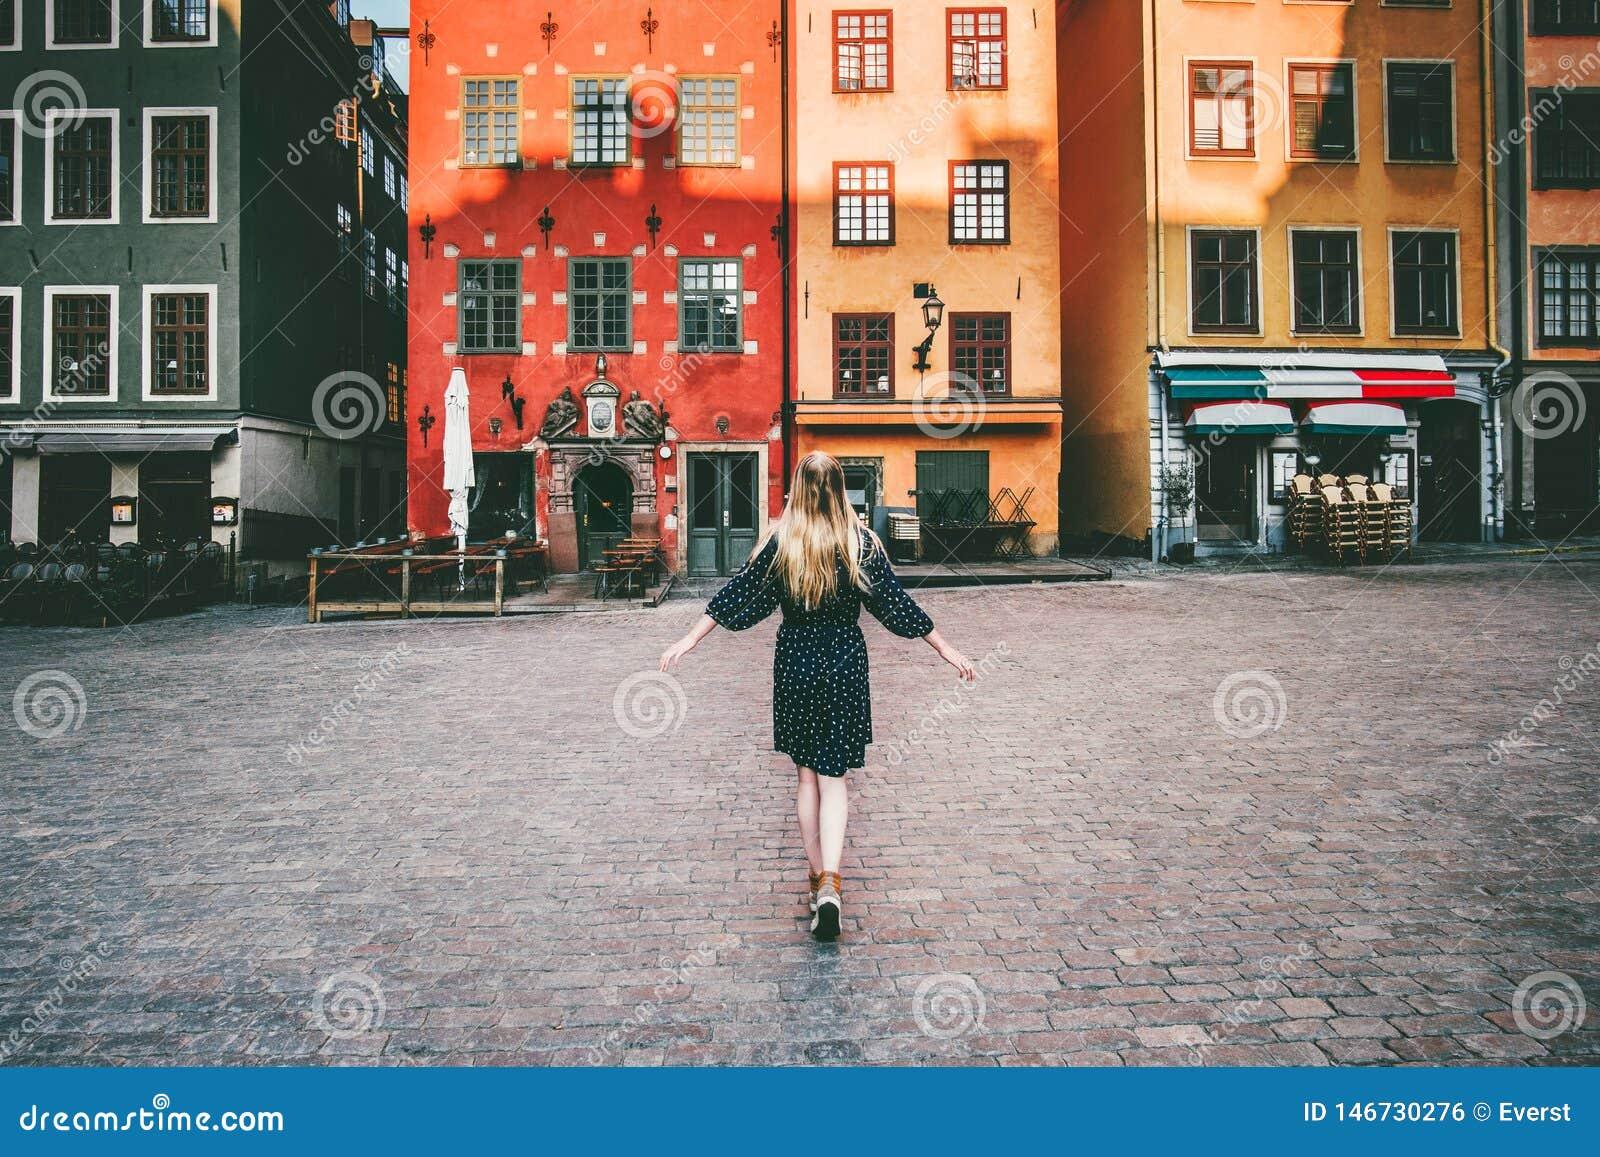 Turista della donna che cammina nel viaggio di Stoccolma che fa un giro turistico